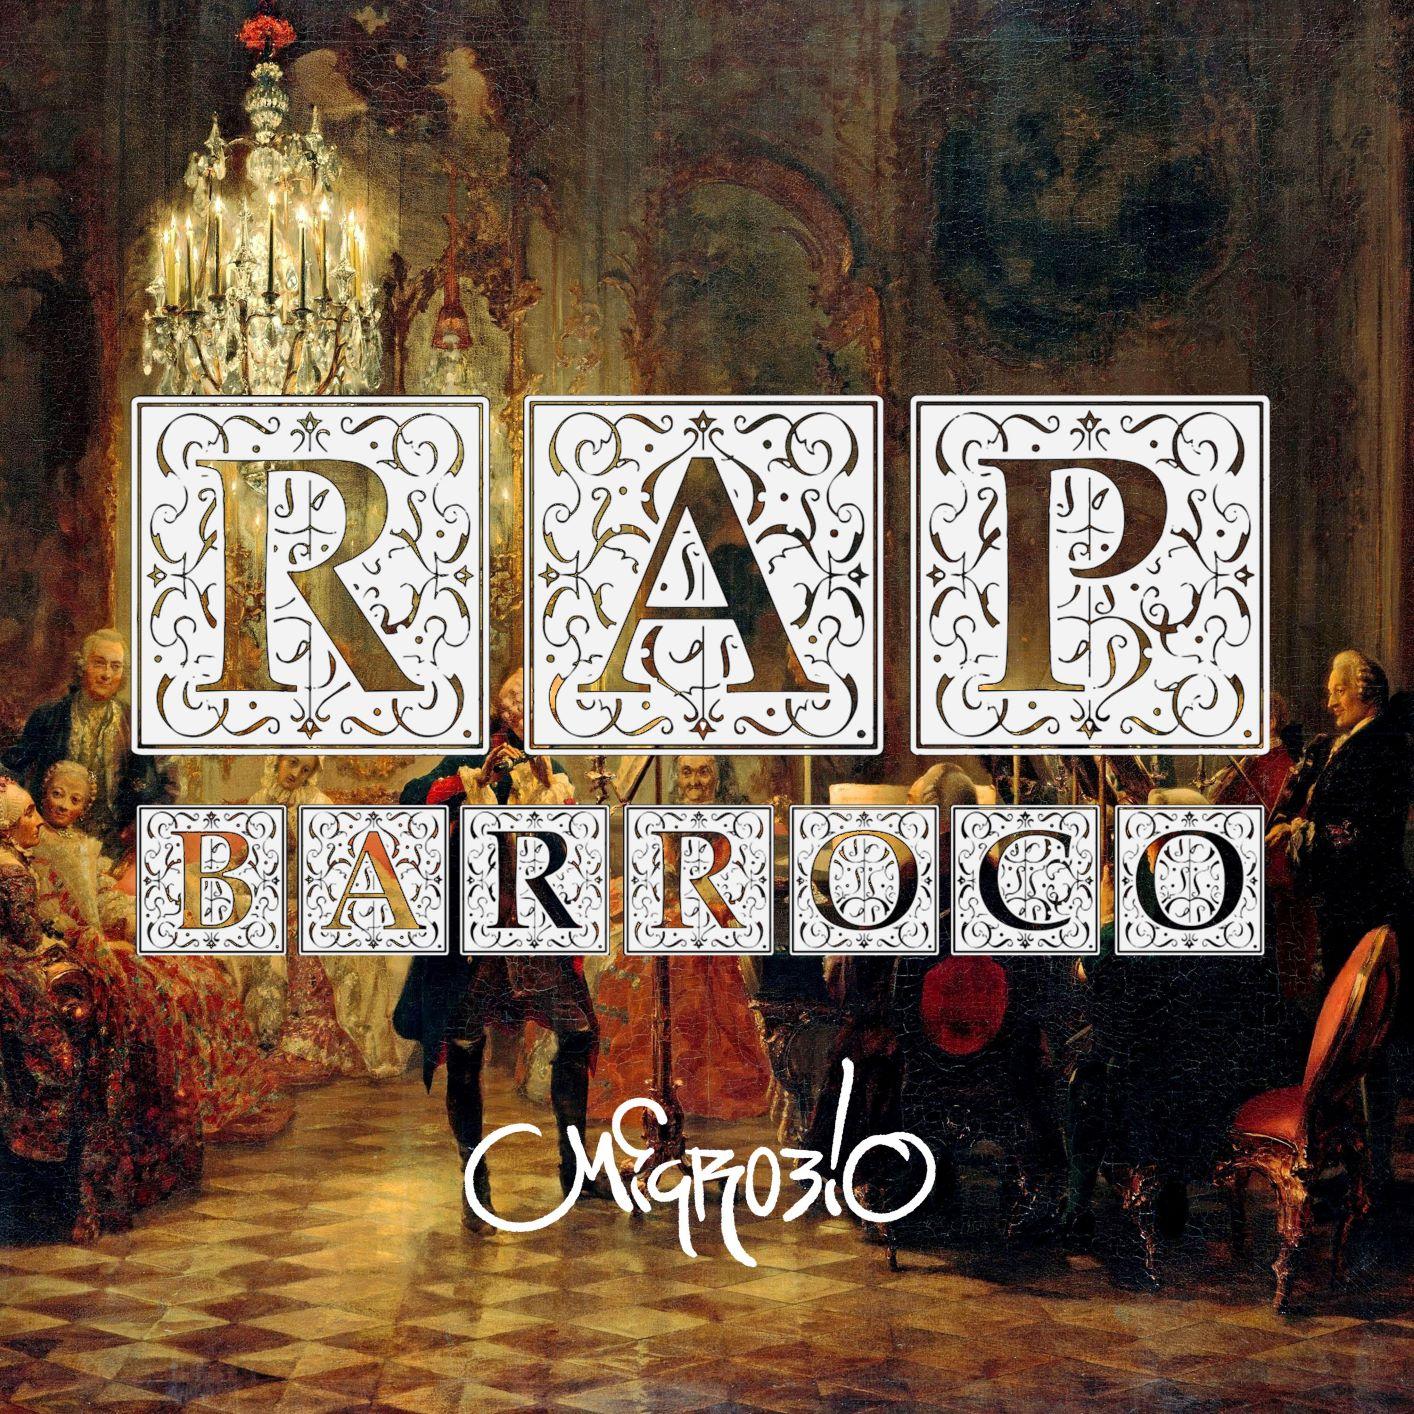 RAP BARROCO_portada_spotify low